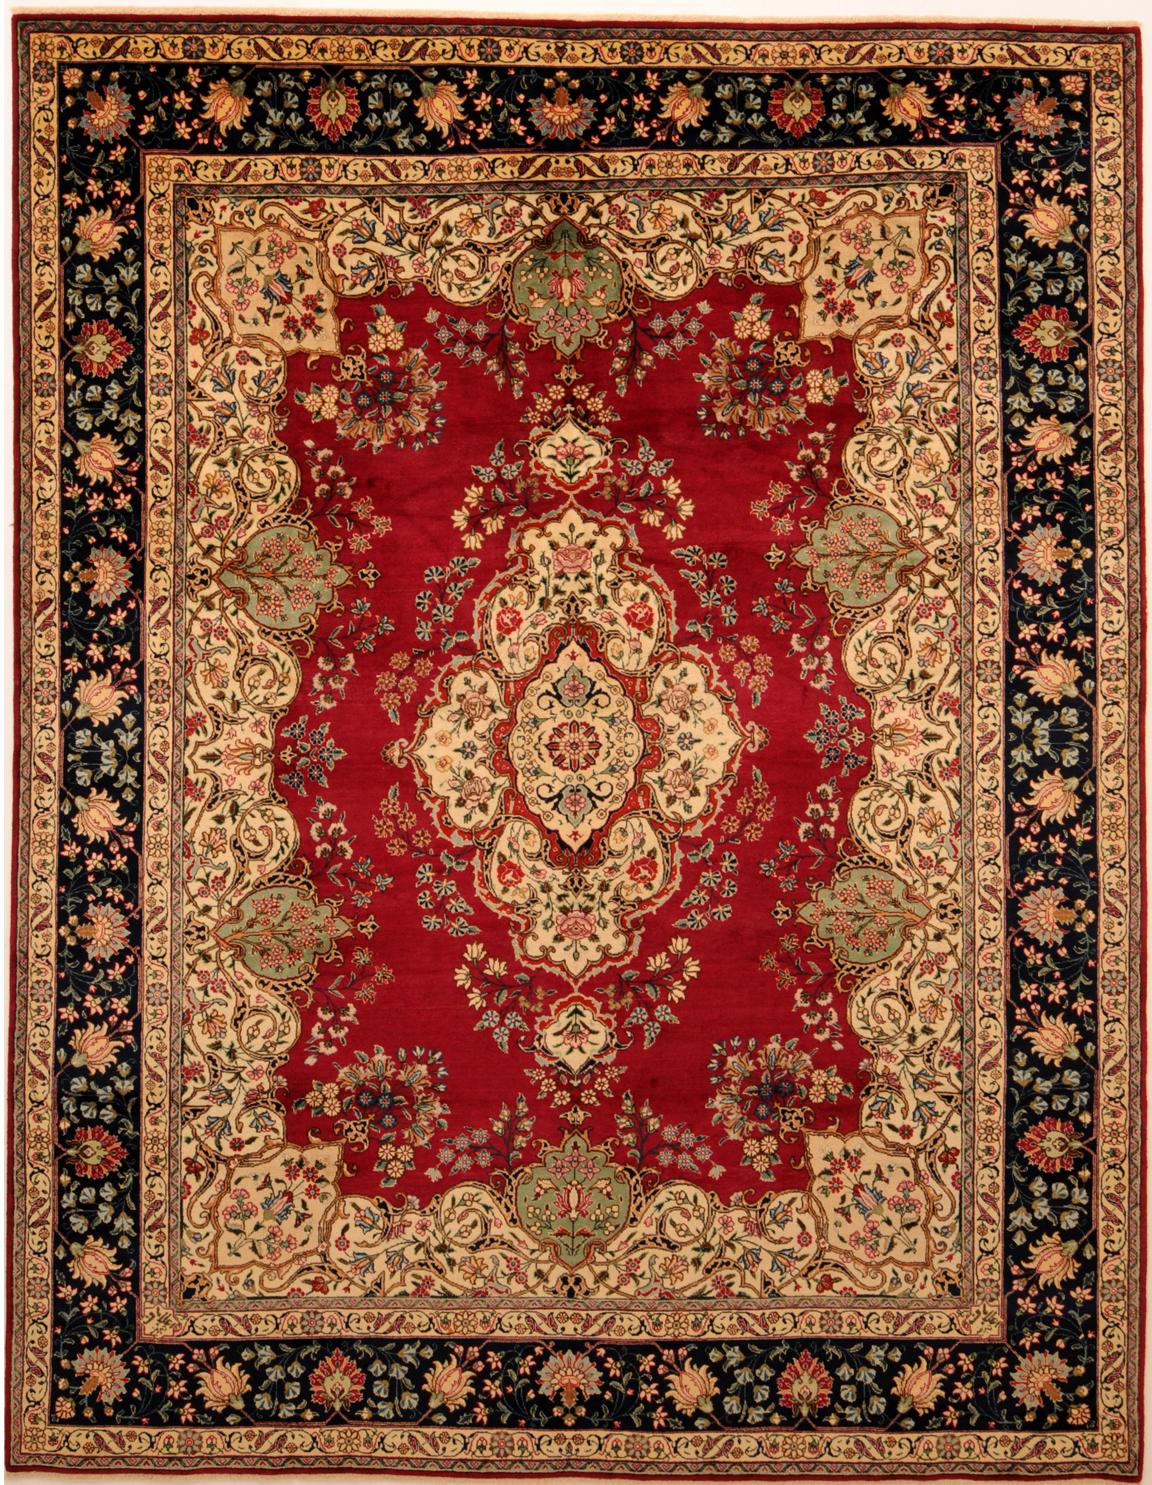 tabriz 9 39 10 x 12 39 9 catalina rug. Black Bedroom Furniture Sets. Home Design Ideas